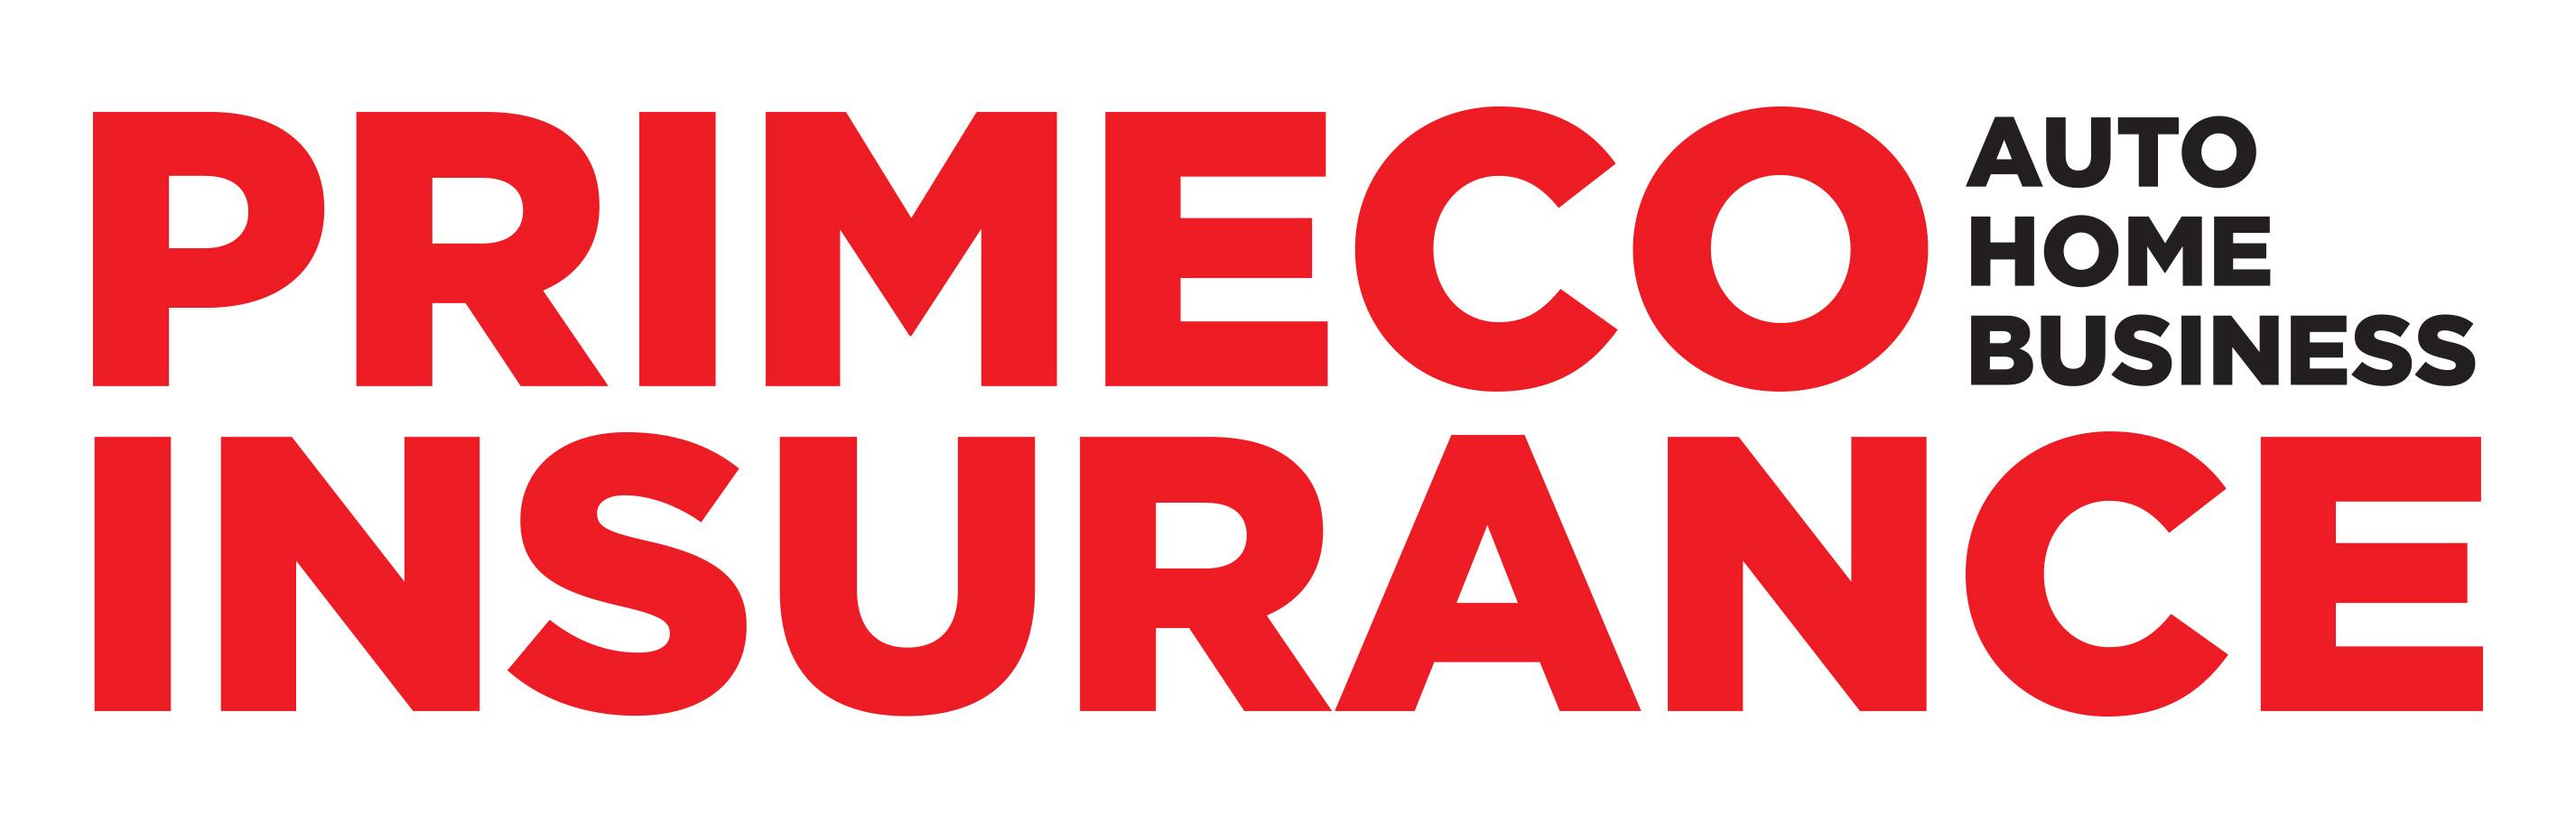 Primeco Insurance Logo